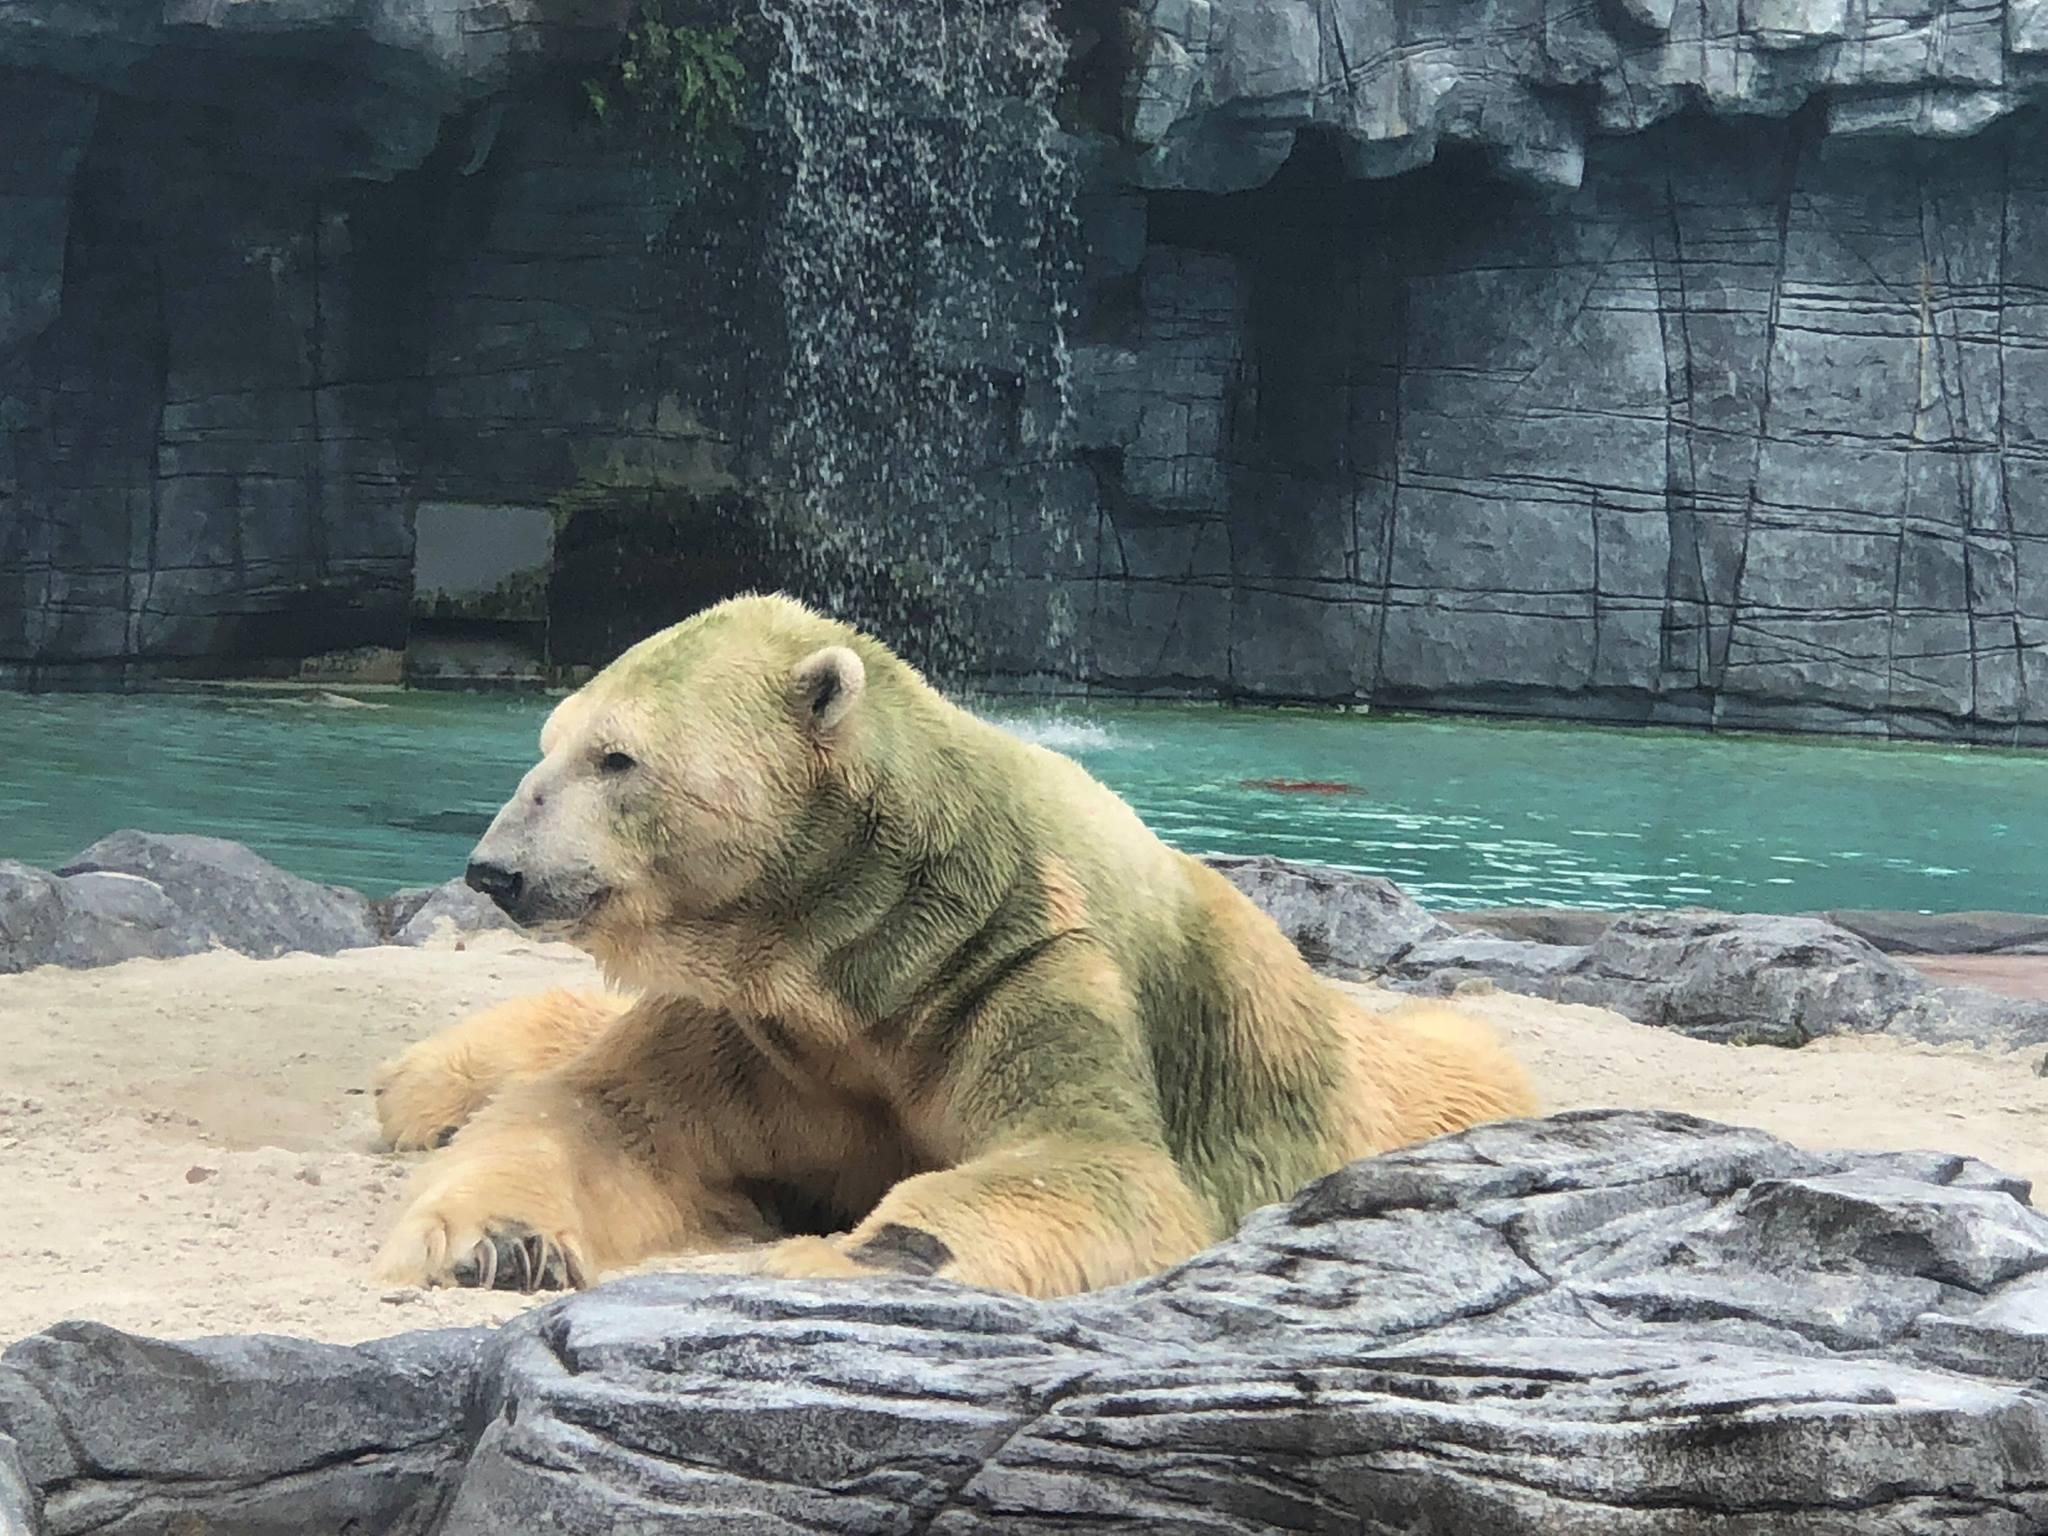 В Сингапуре умер знаменитый белый медведь Инука В Сингапуре умер знаменитый белый медведь Инука medved 2